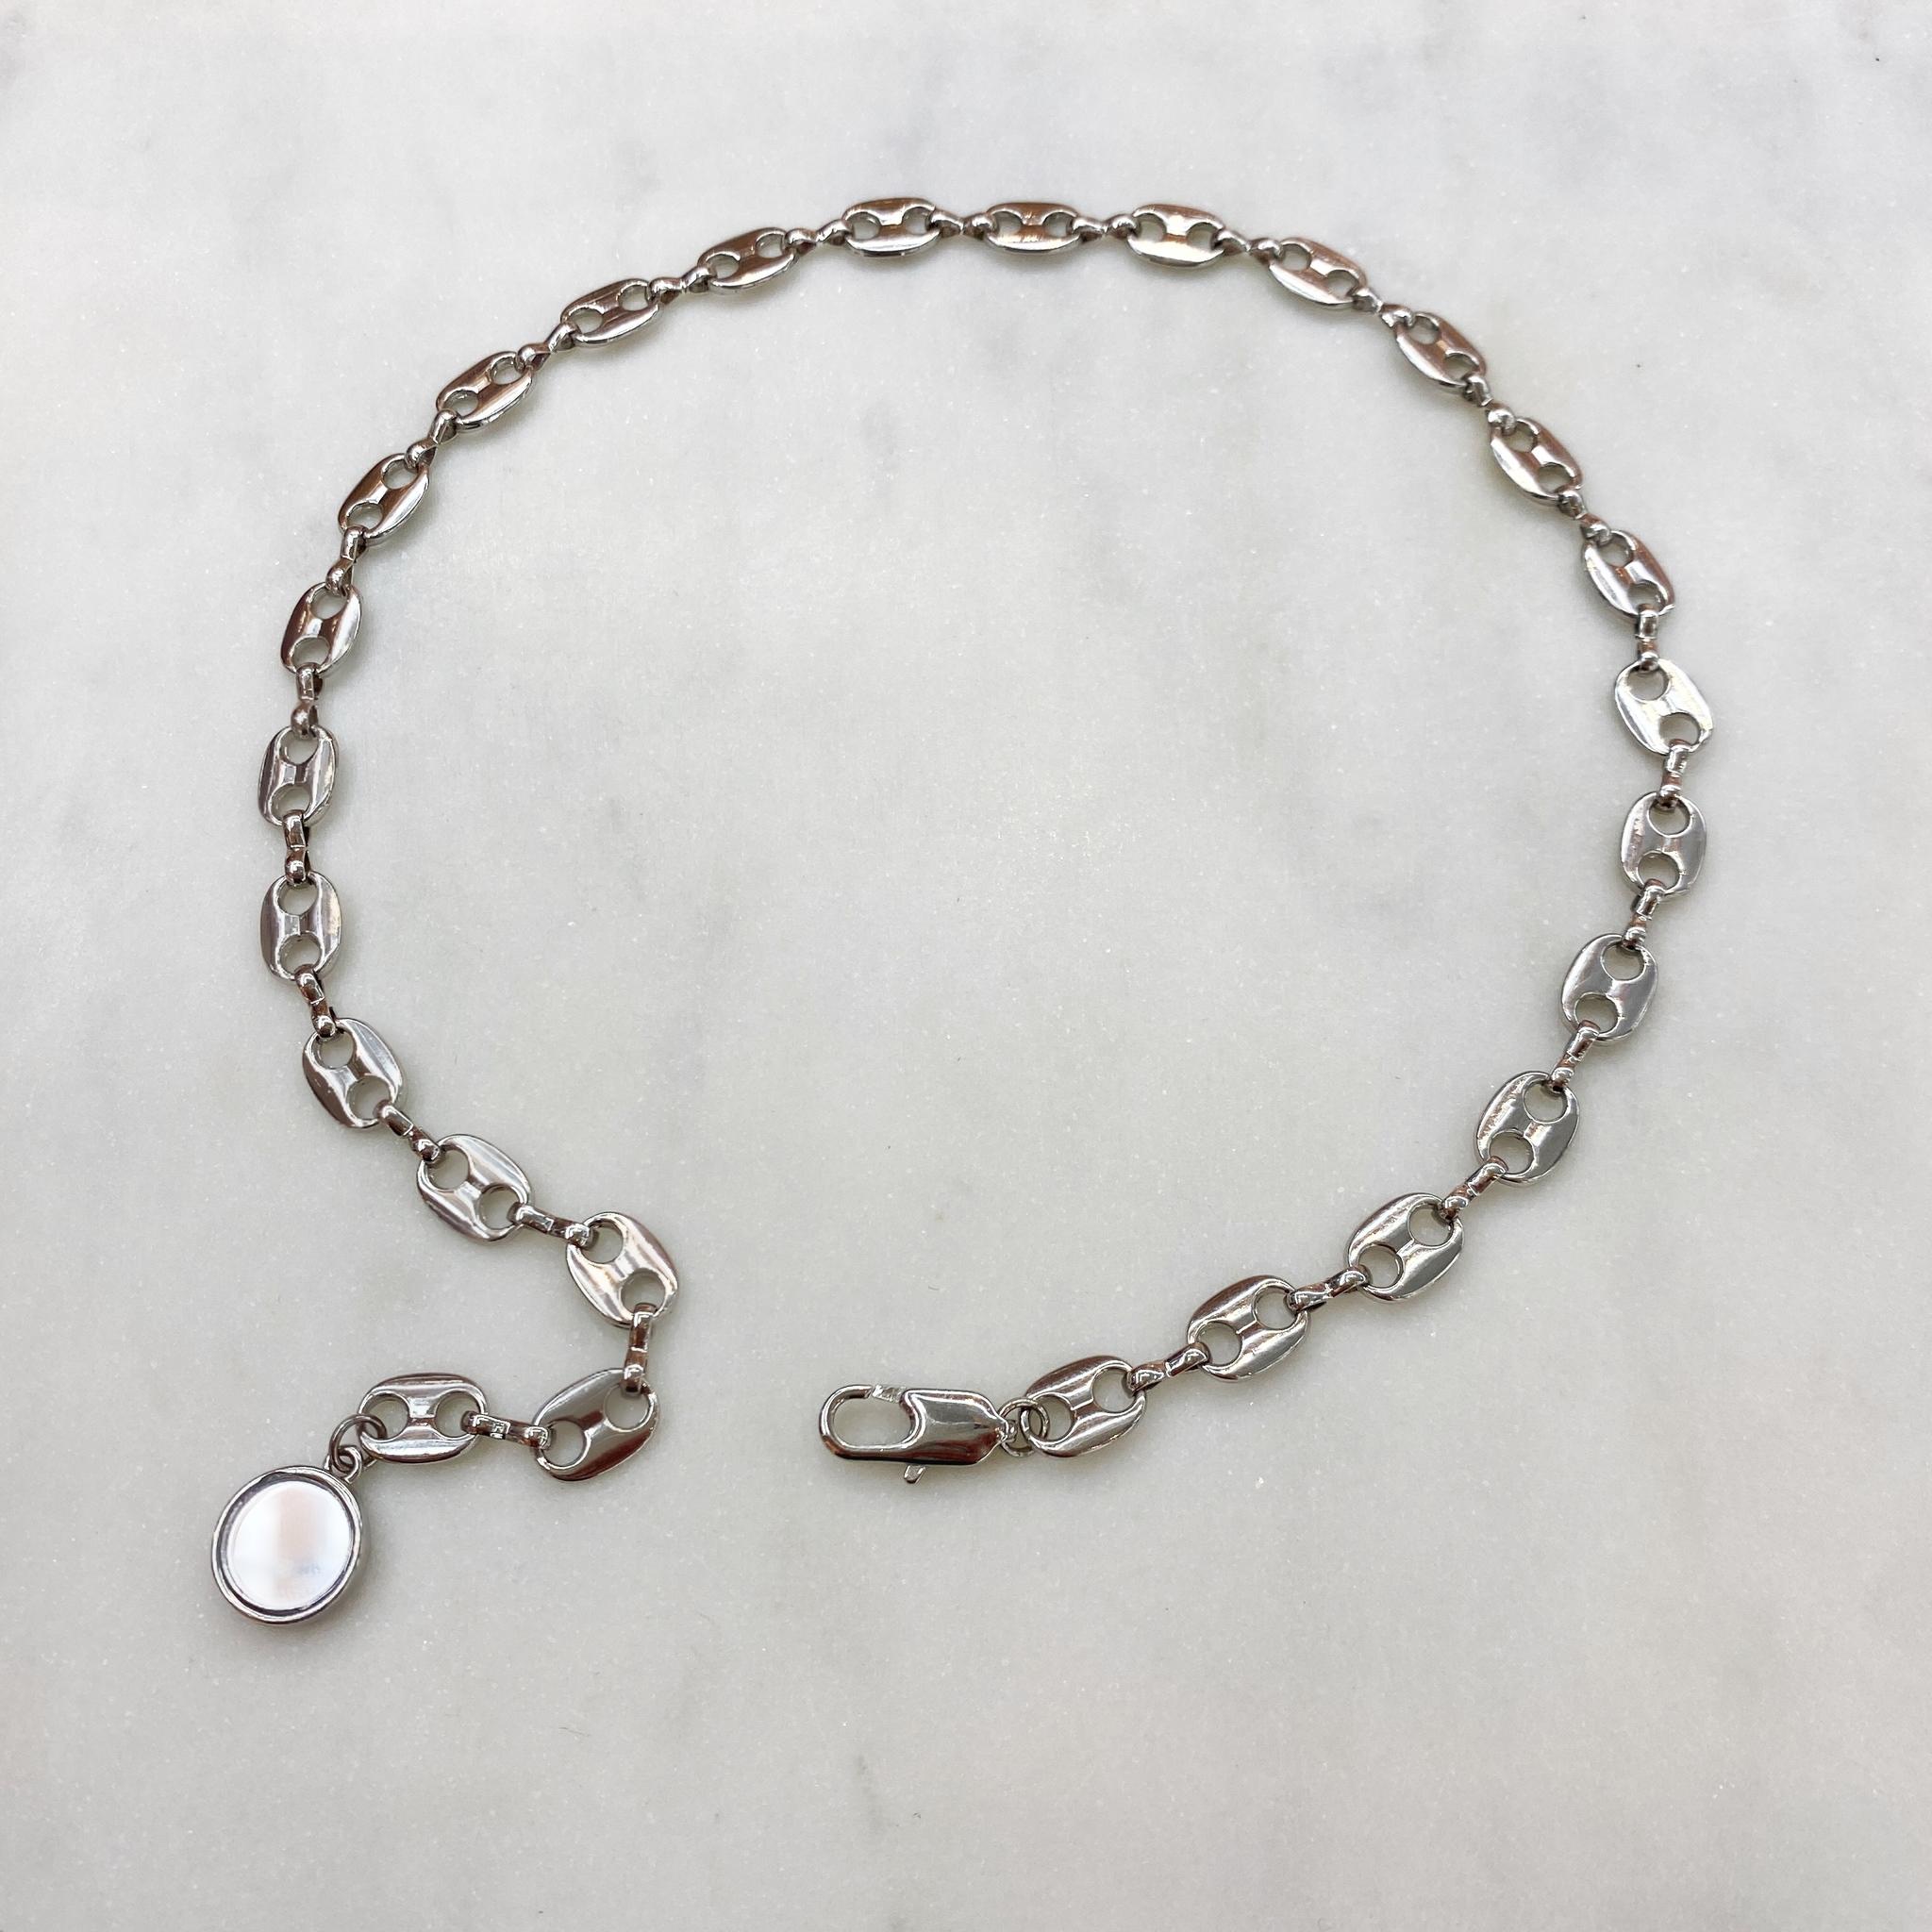 Цепь узкая с звеньями в виде пряжечек и зеркальной подвеской (серебристый)